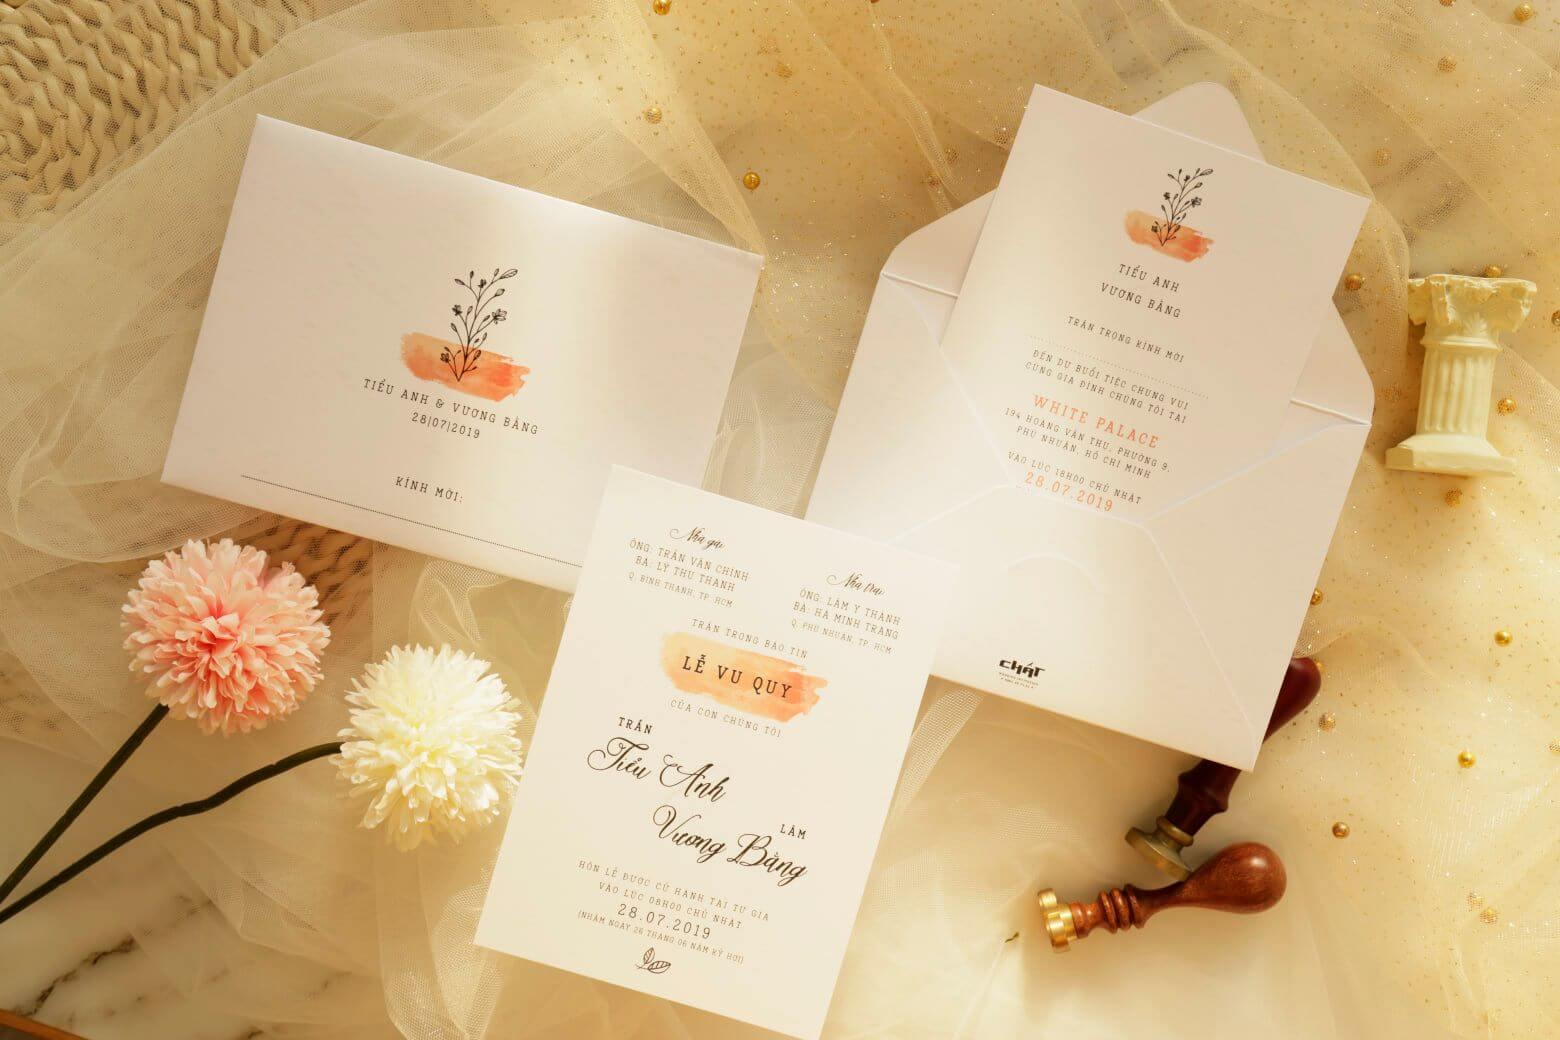 Thiệp cưới Chất Marry